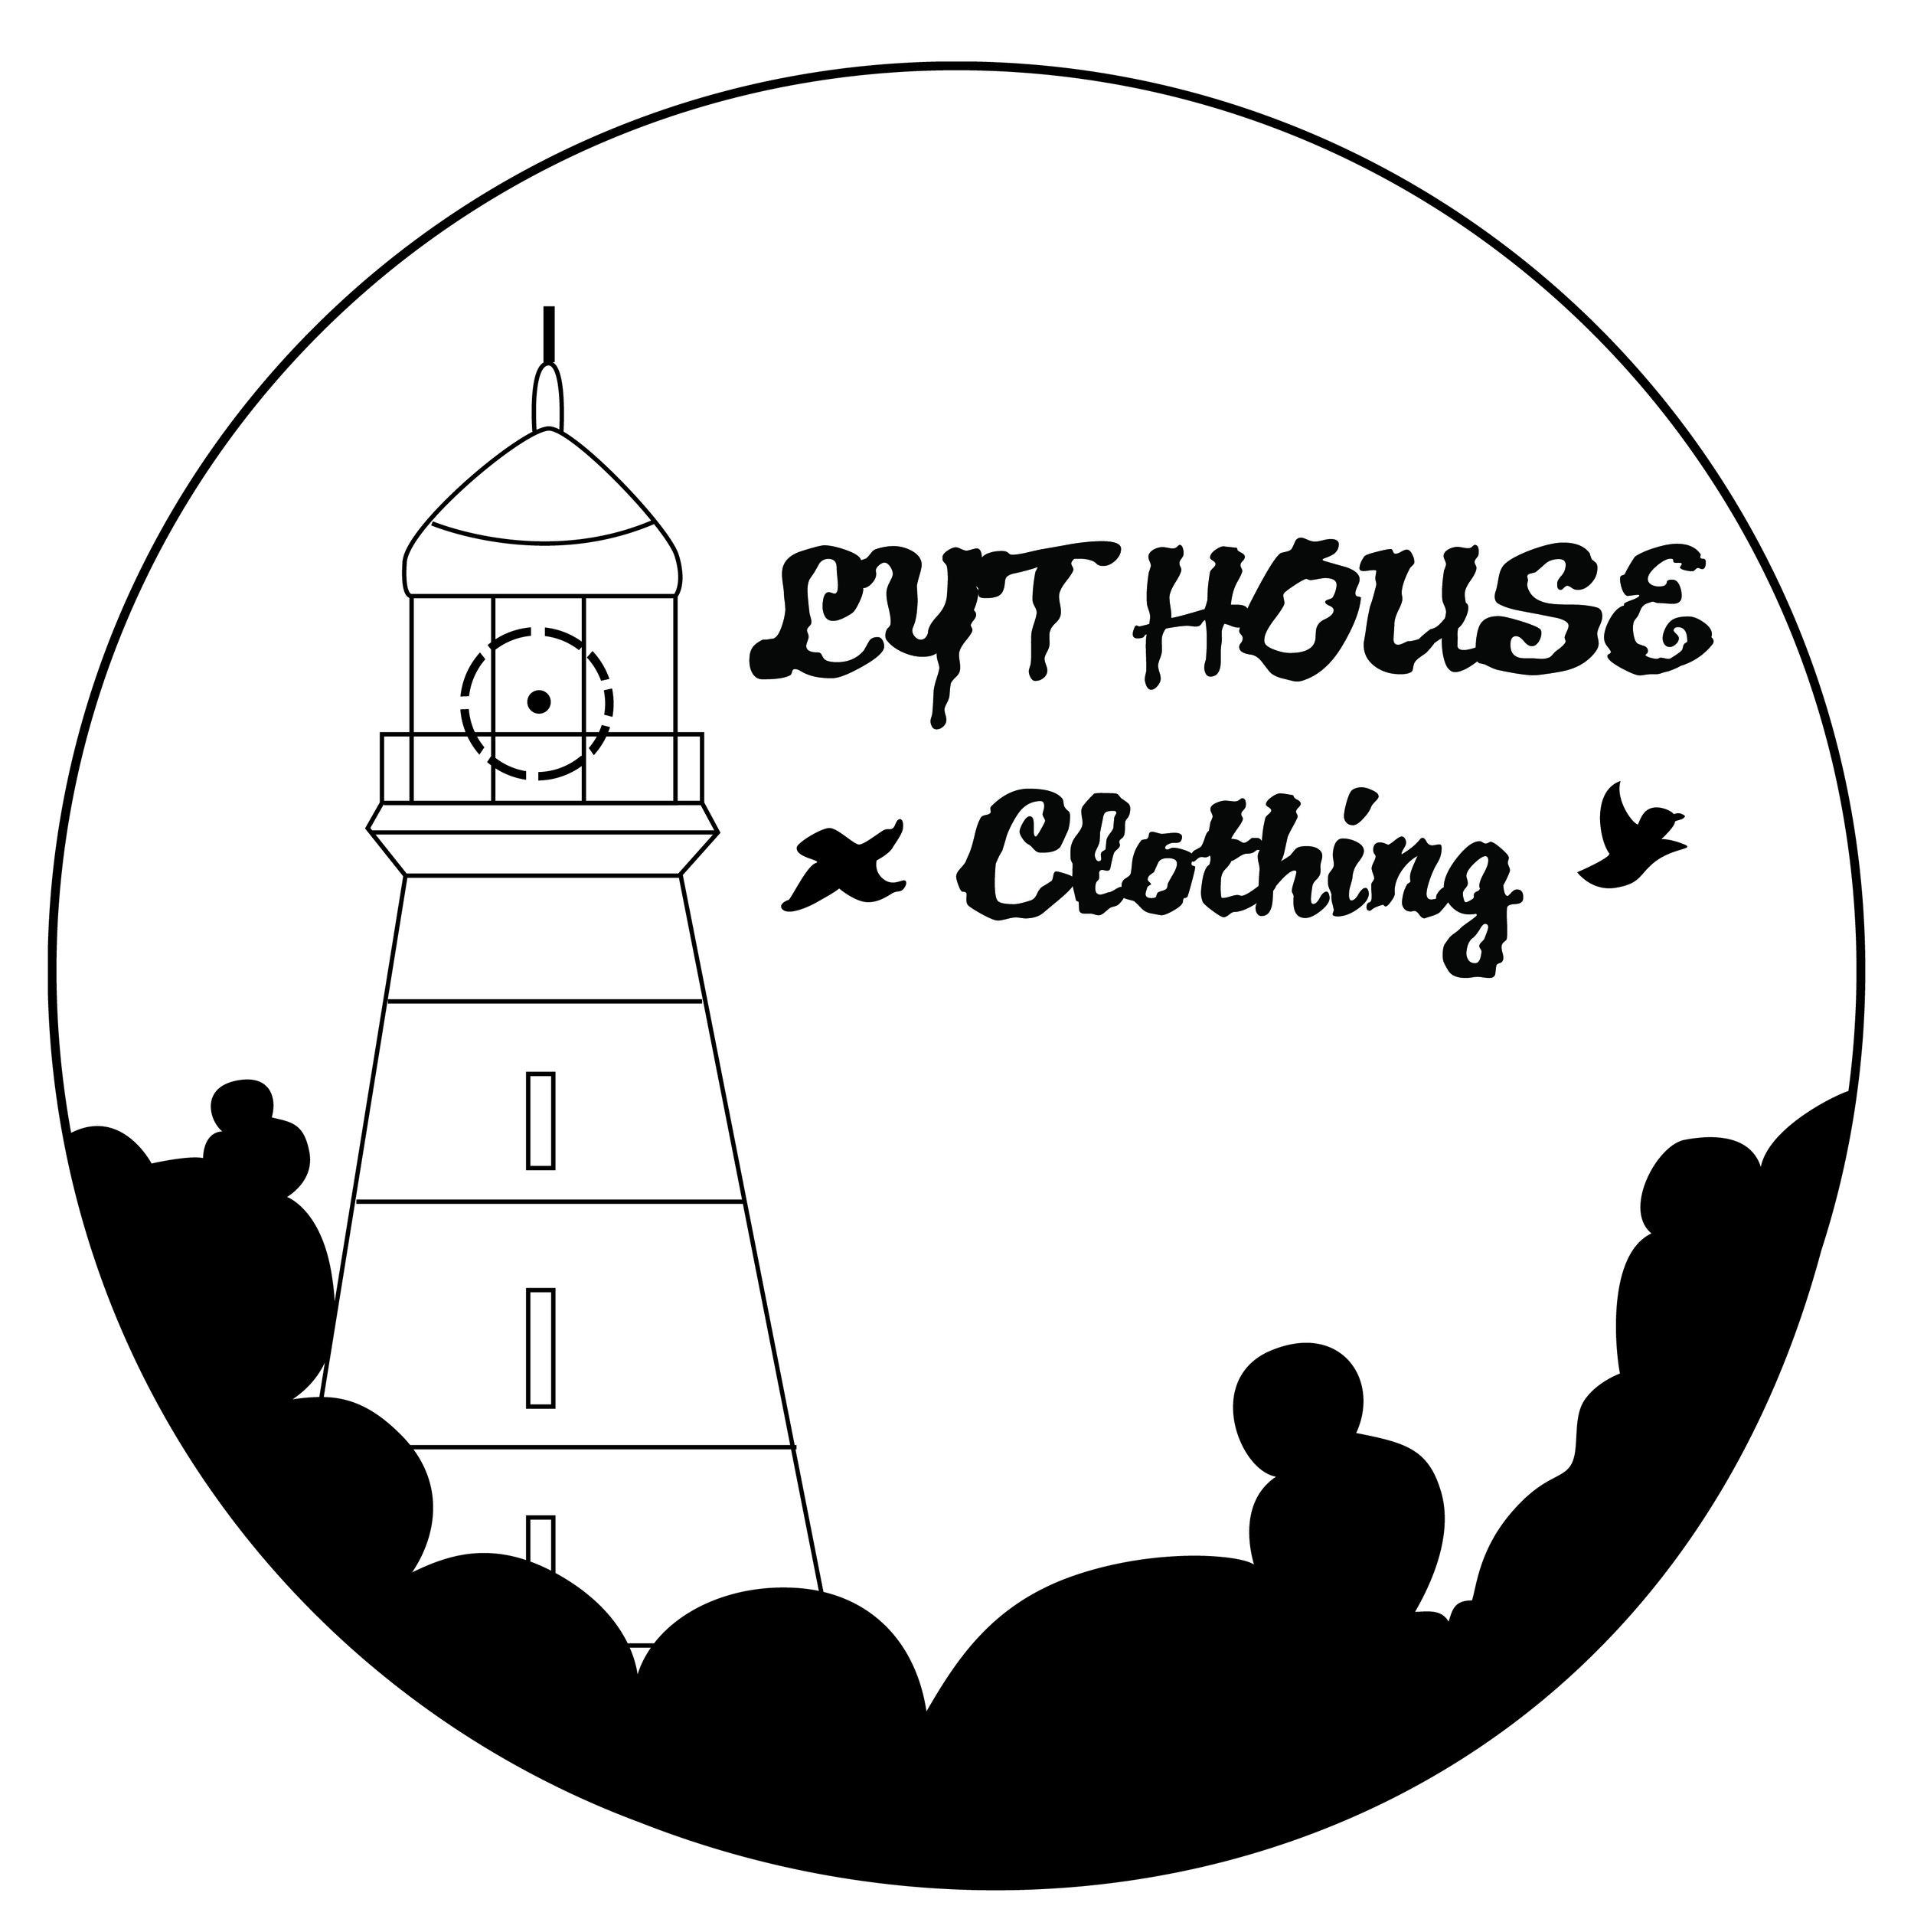 Copy of Adrian Munguia - Lyt House Clothing